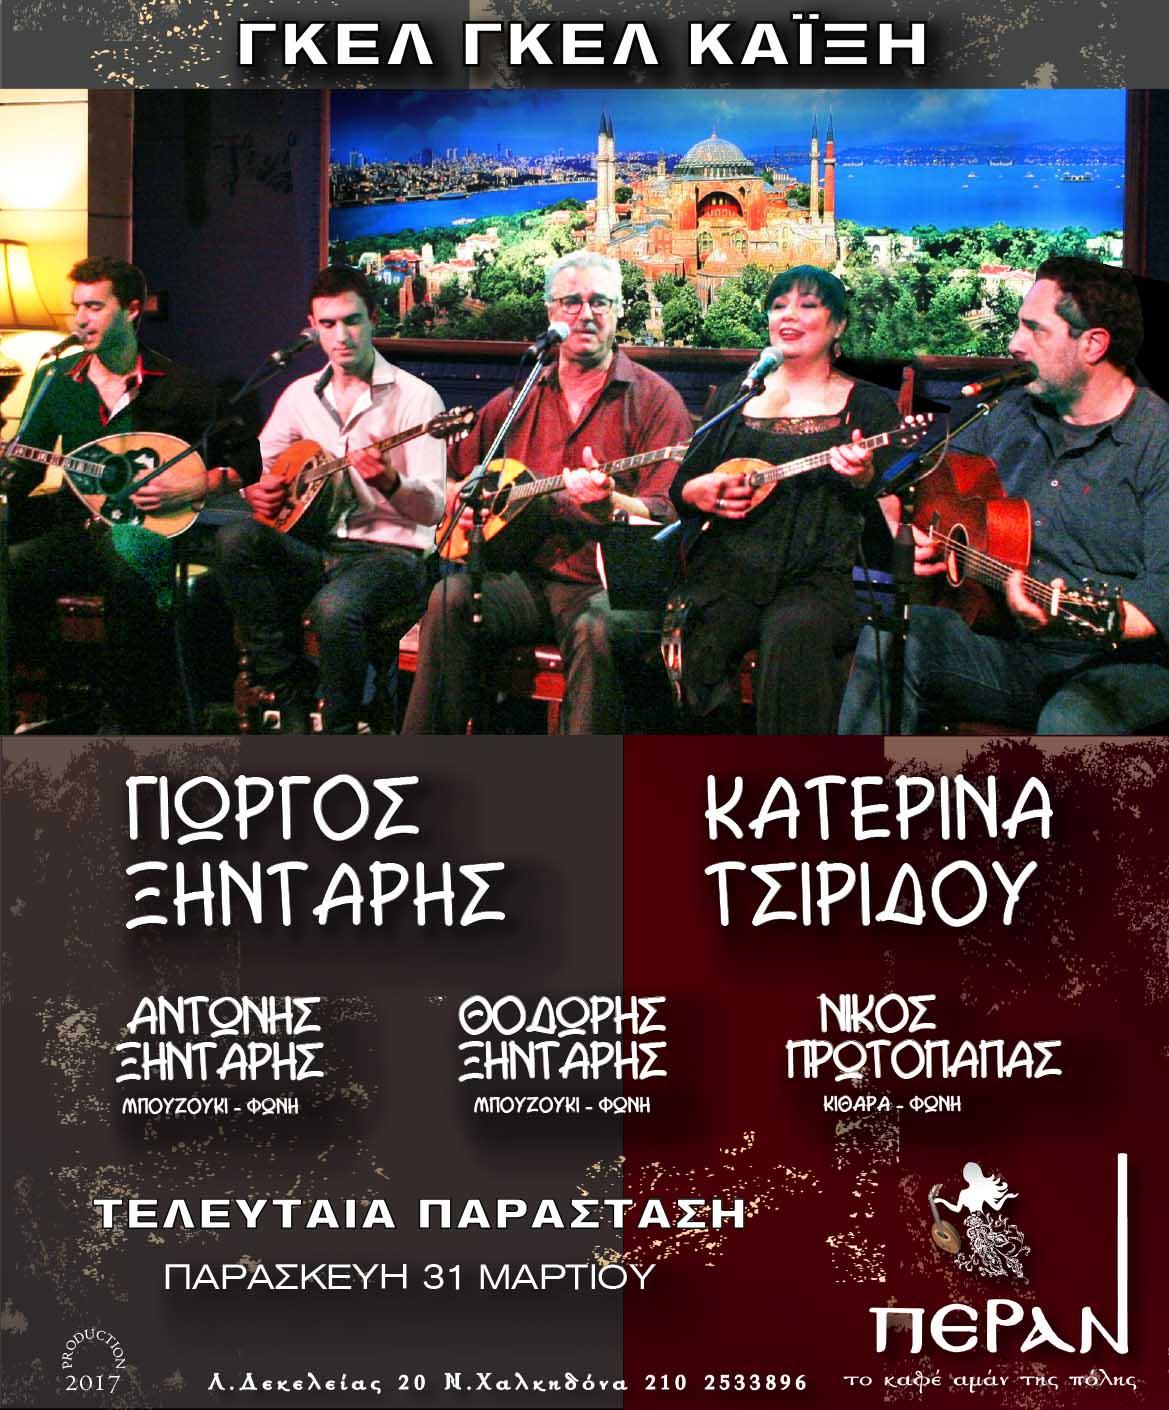 XINTARIS-TSIRIDOU 31-3-17